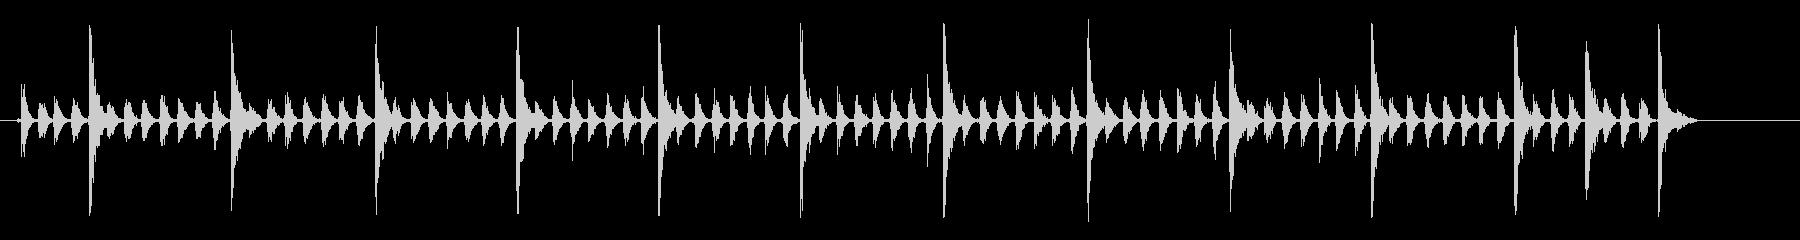 リズム、音楽、パーカッションタンバ...の未再生の波形